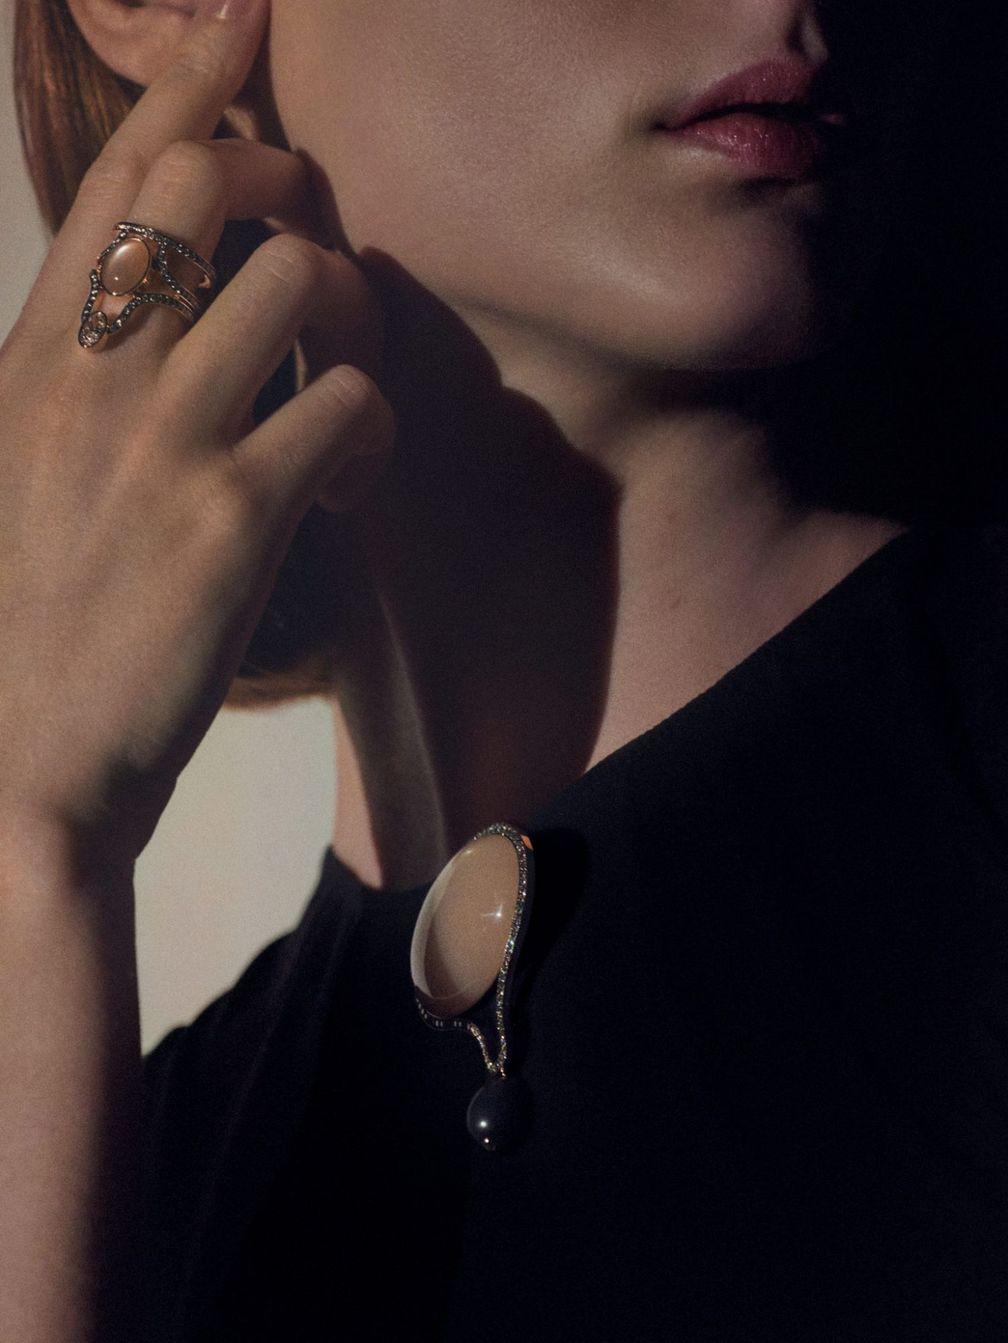 Креативный директор Hermès Пьер Харди о ювелирной коллекции Lignes Sensibles